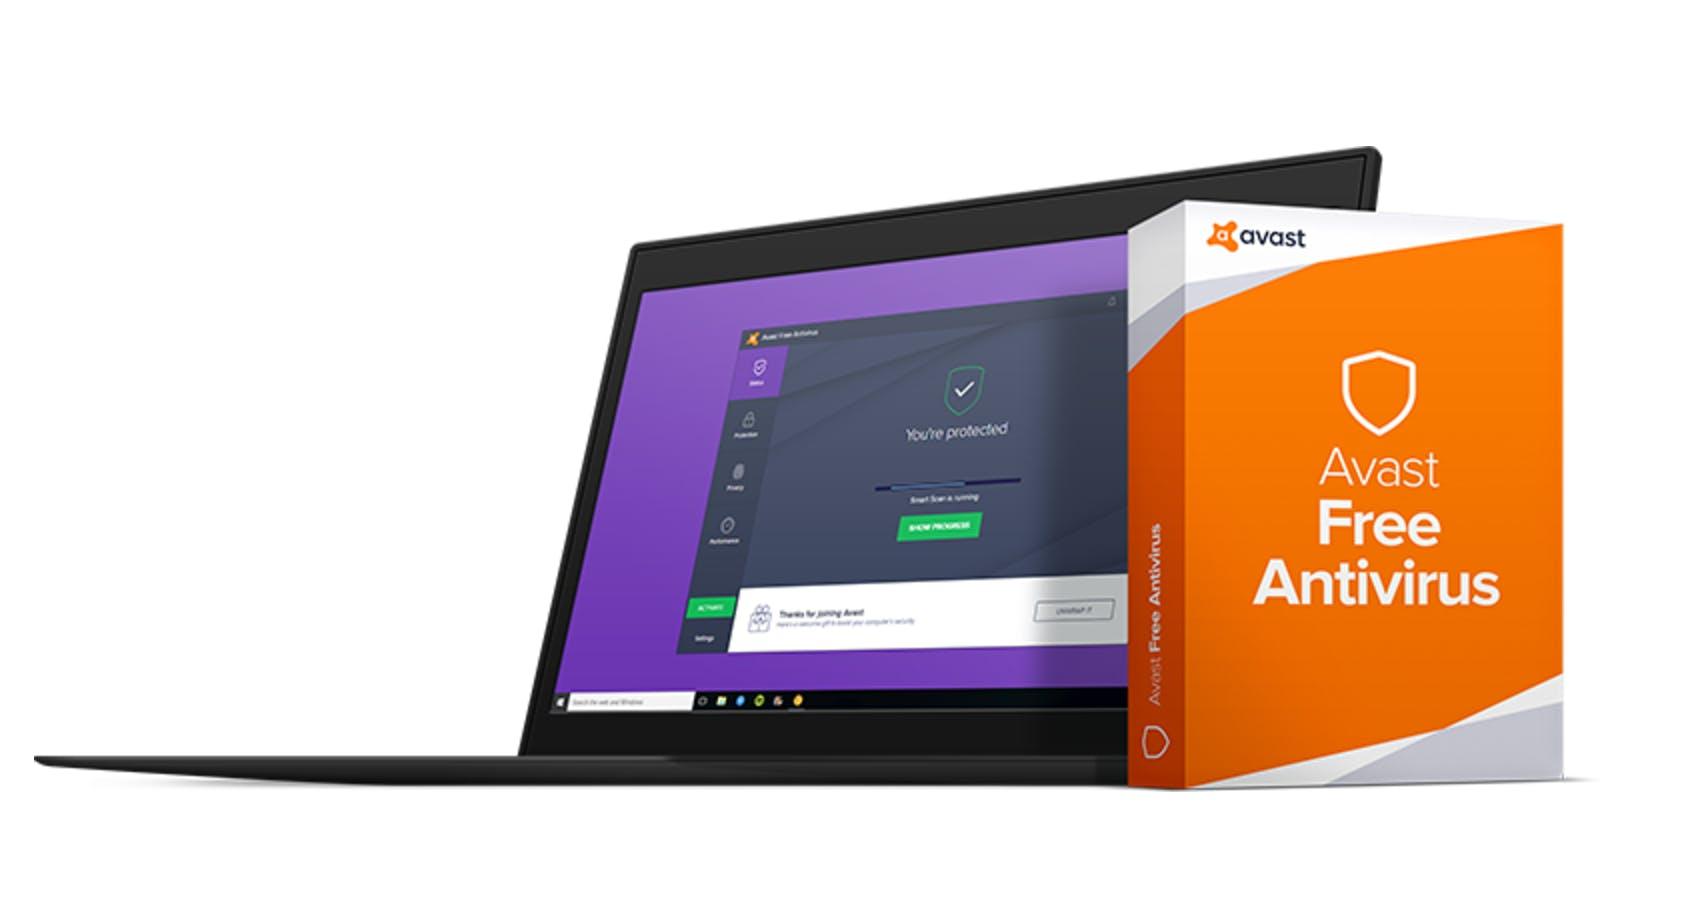 best free antivirus : avast free antivirus